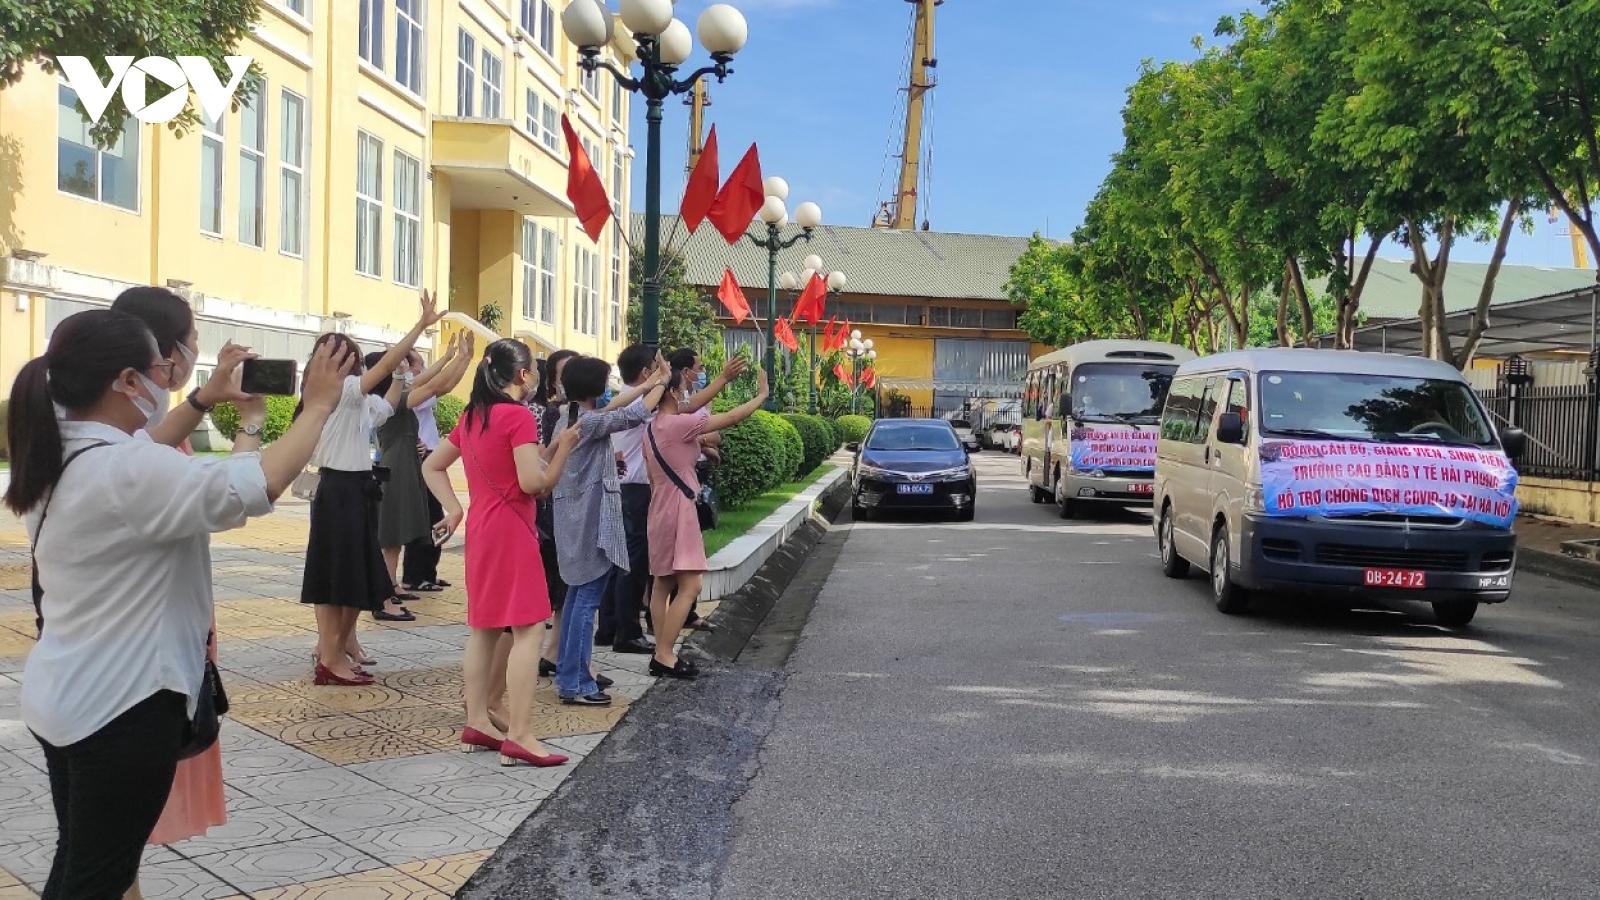 200 cán bộ, sinh viên y tế Hải Phòng lên đường hỗ trợ Hà Nội chống dịch